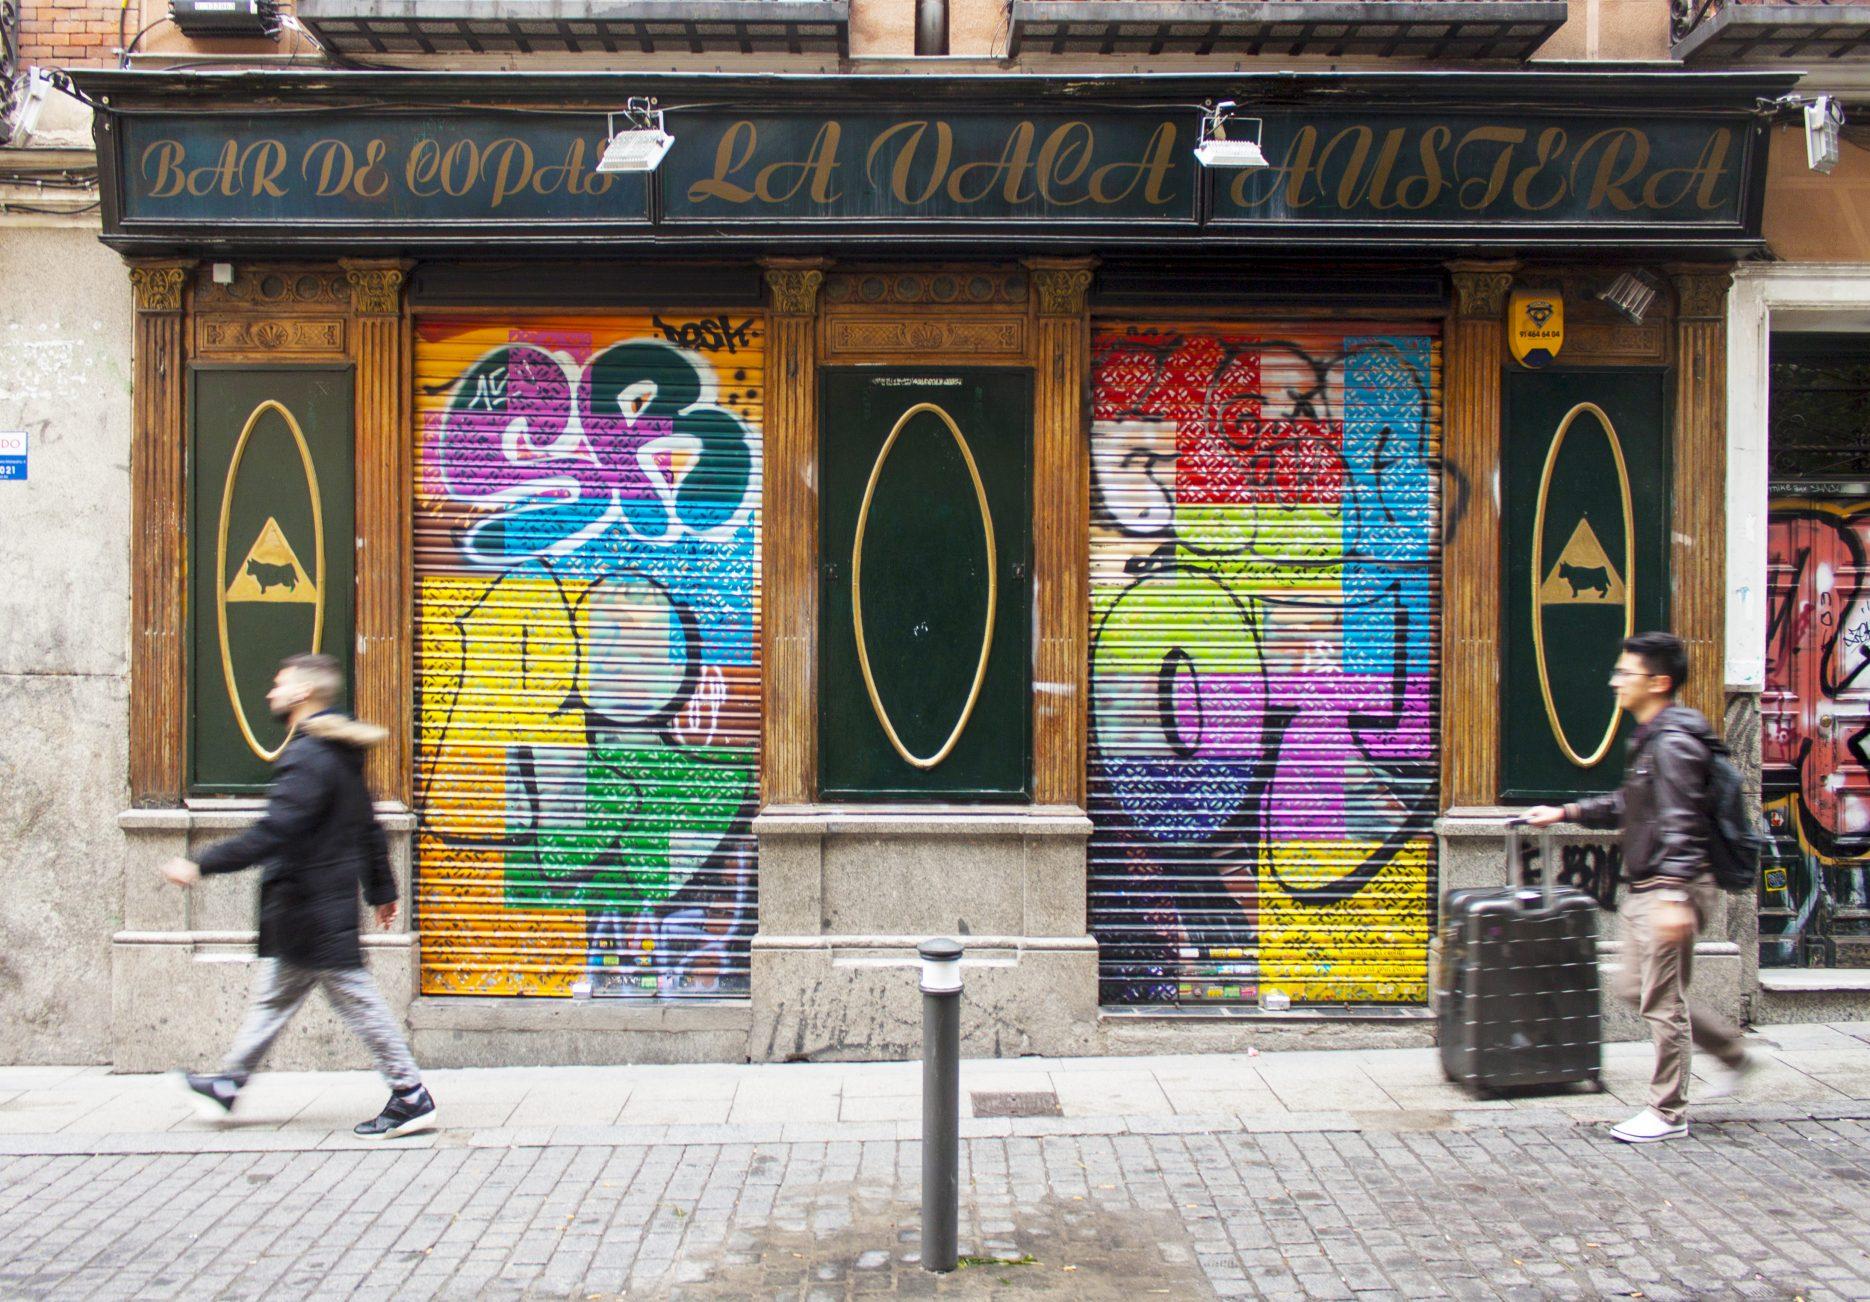 Pintura mural con tetris de colores